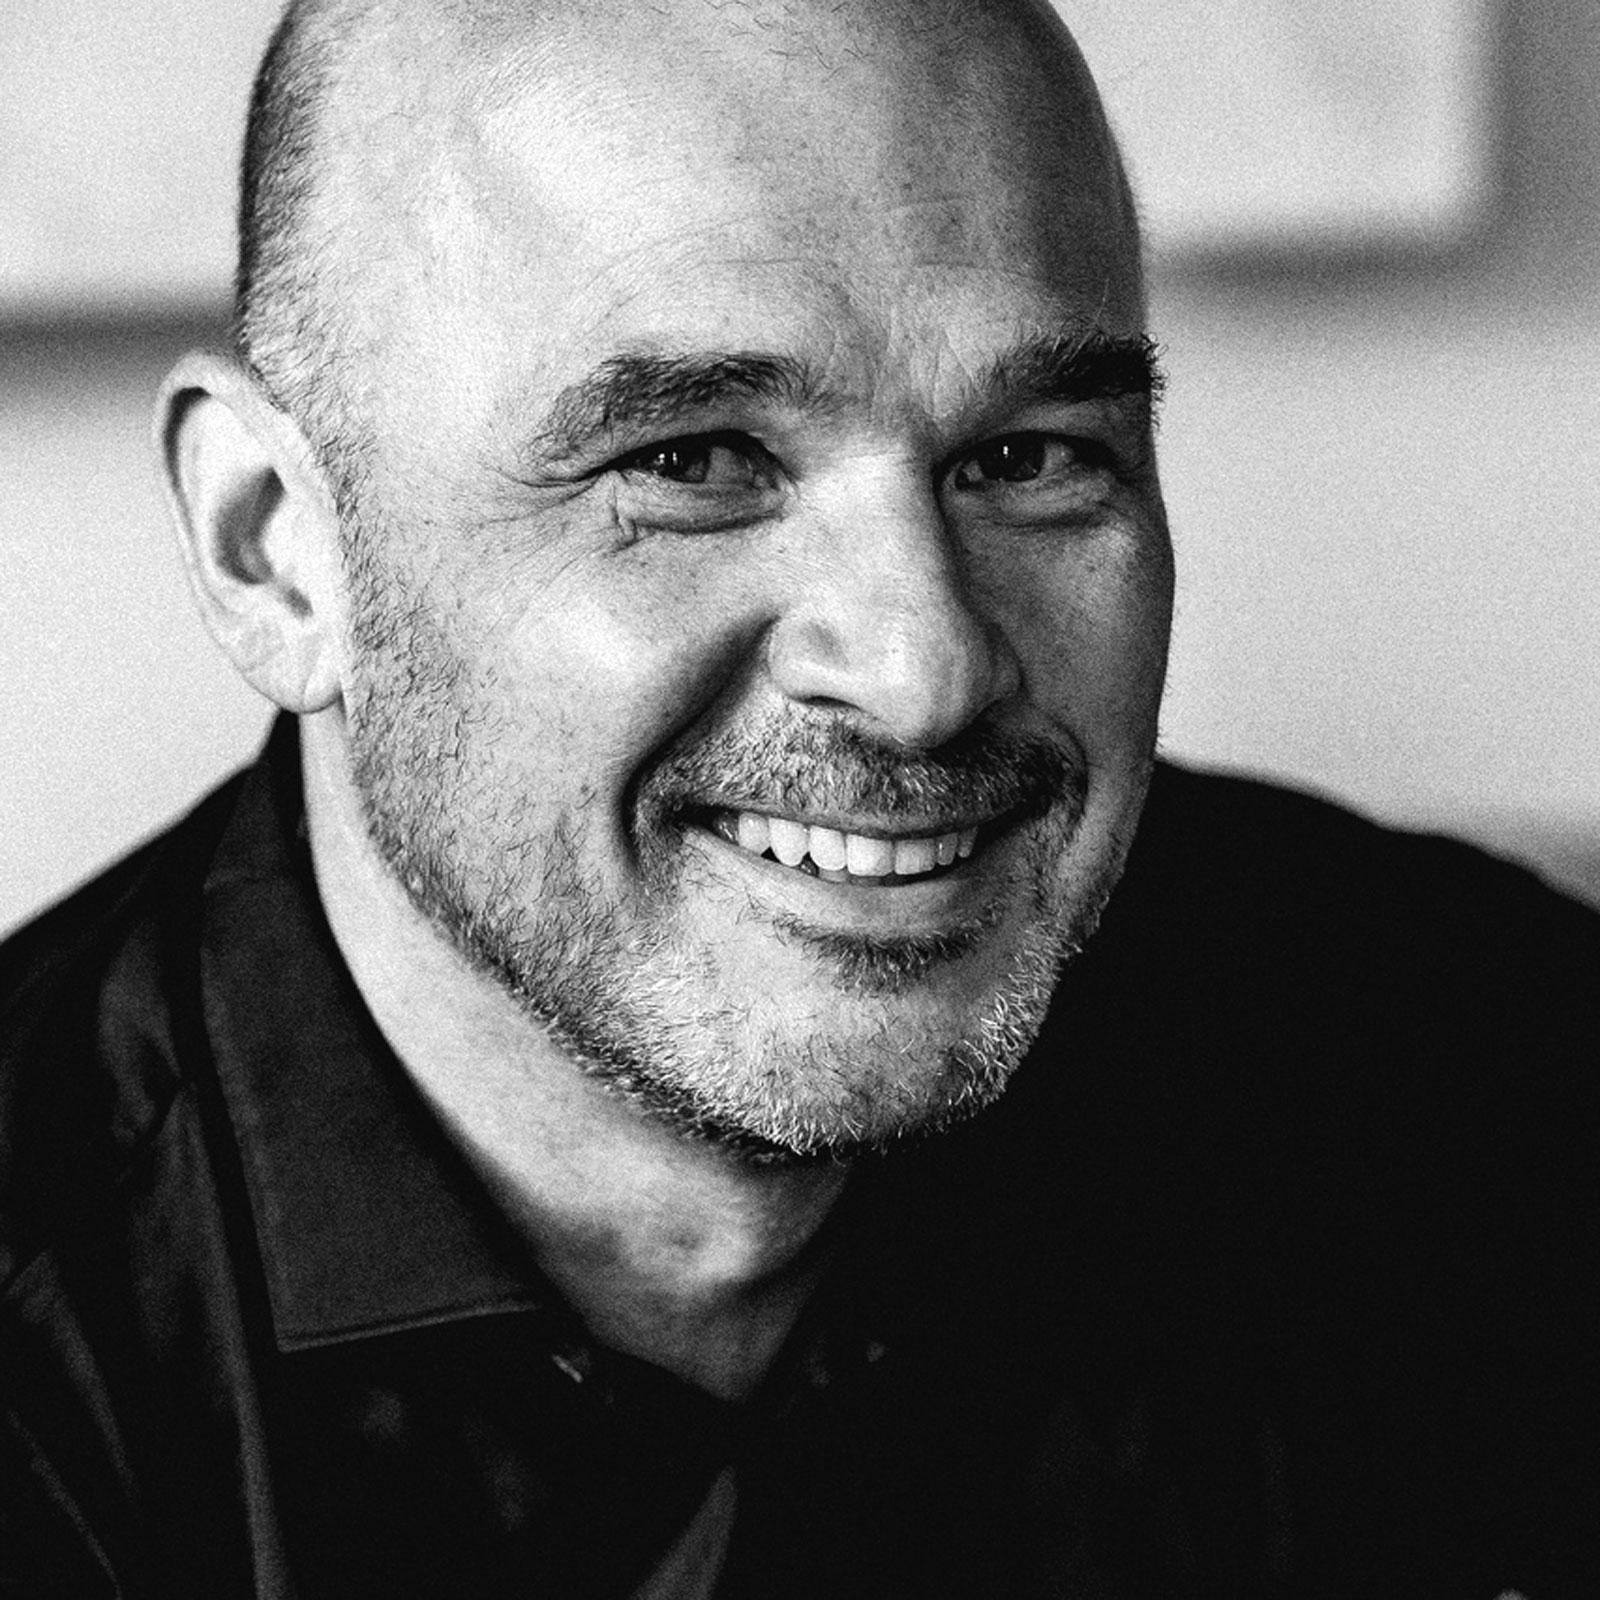 Artwork for Folge 37: Perspektivenwechsel als Methode führt zum Erfolg! – Dipl. Psych. Klaus Vollmer, Wirtschaftspsychologe, Autor, Trainer und Coach